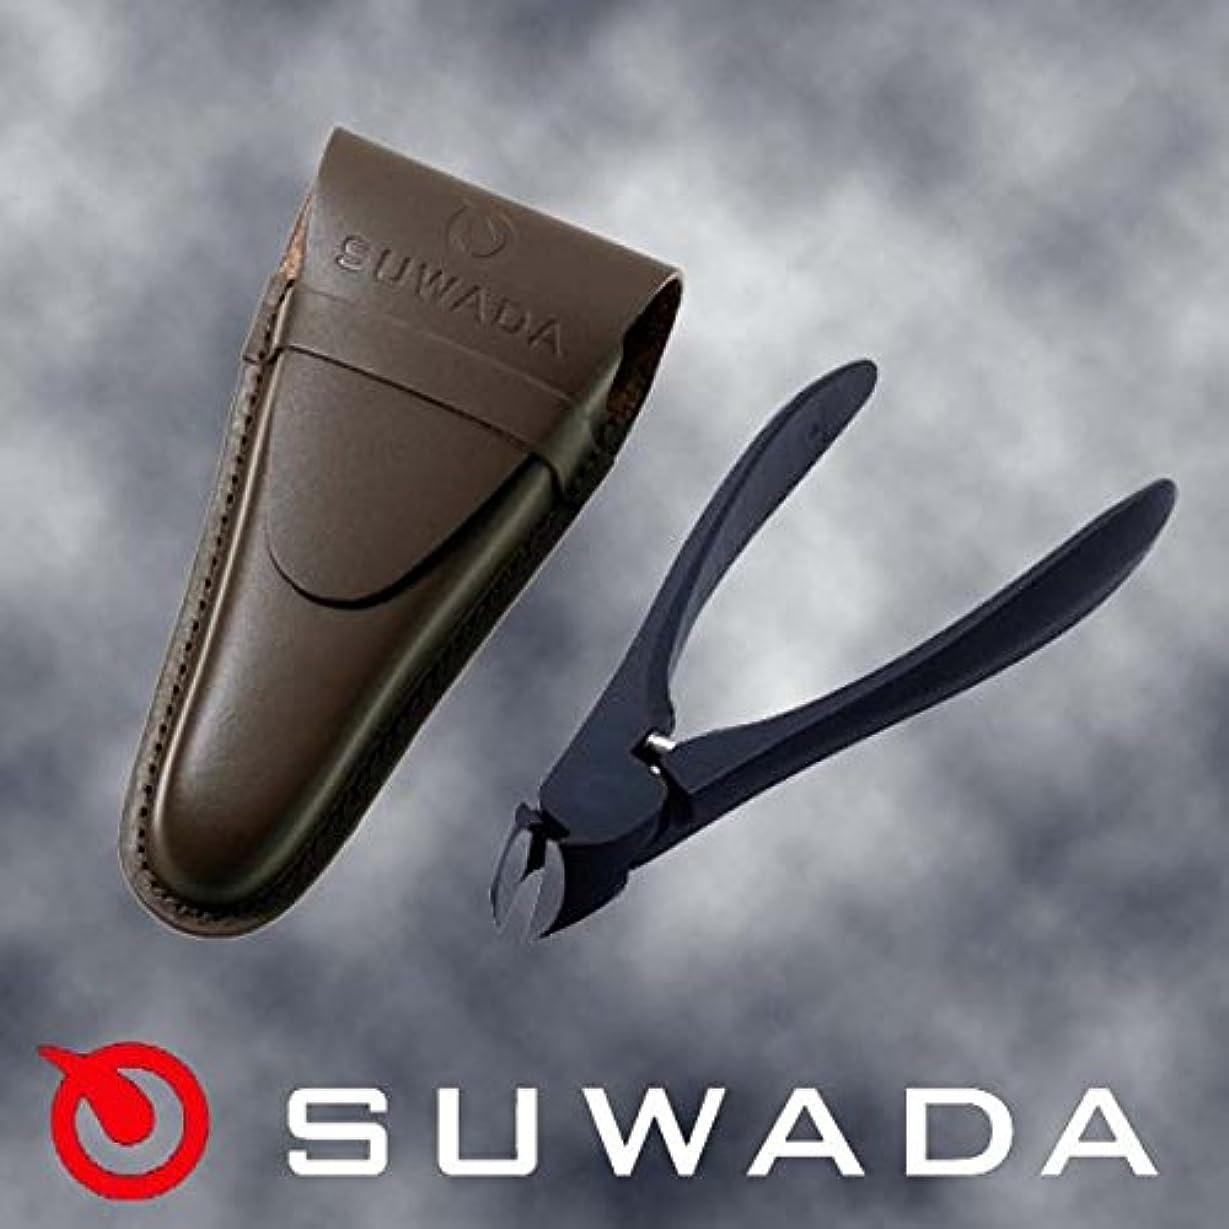 簡略化するナイトスポットリズミカルなSUWADA 爪切りブラックS&ブラウン革ケースセット 諏訪田製作所 スワダ爪切り